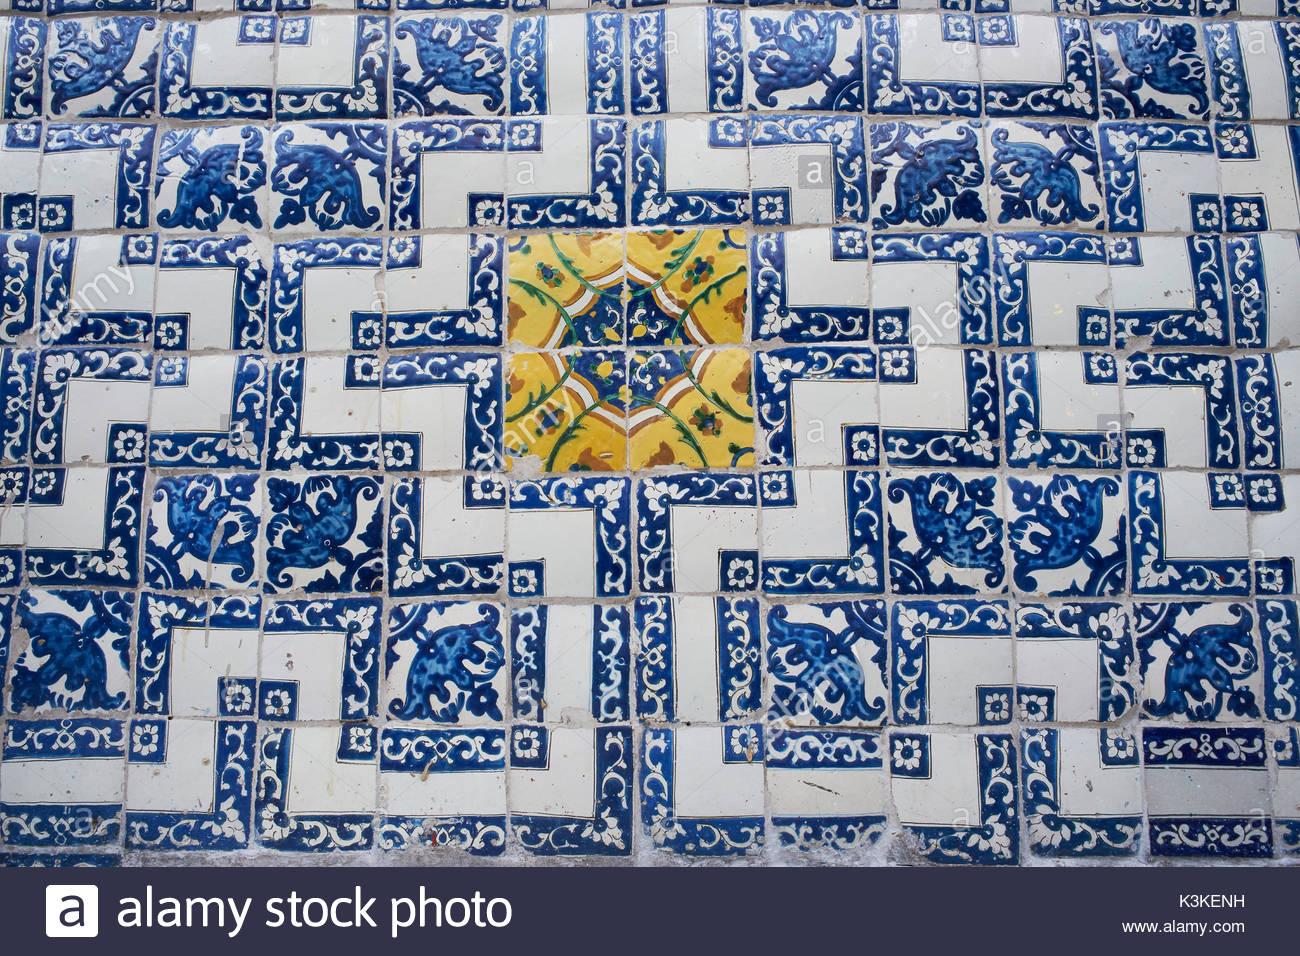 Los azulejos stock photos los azulejos stock images alamy for Azulejos mexico